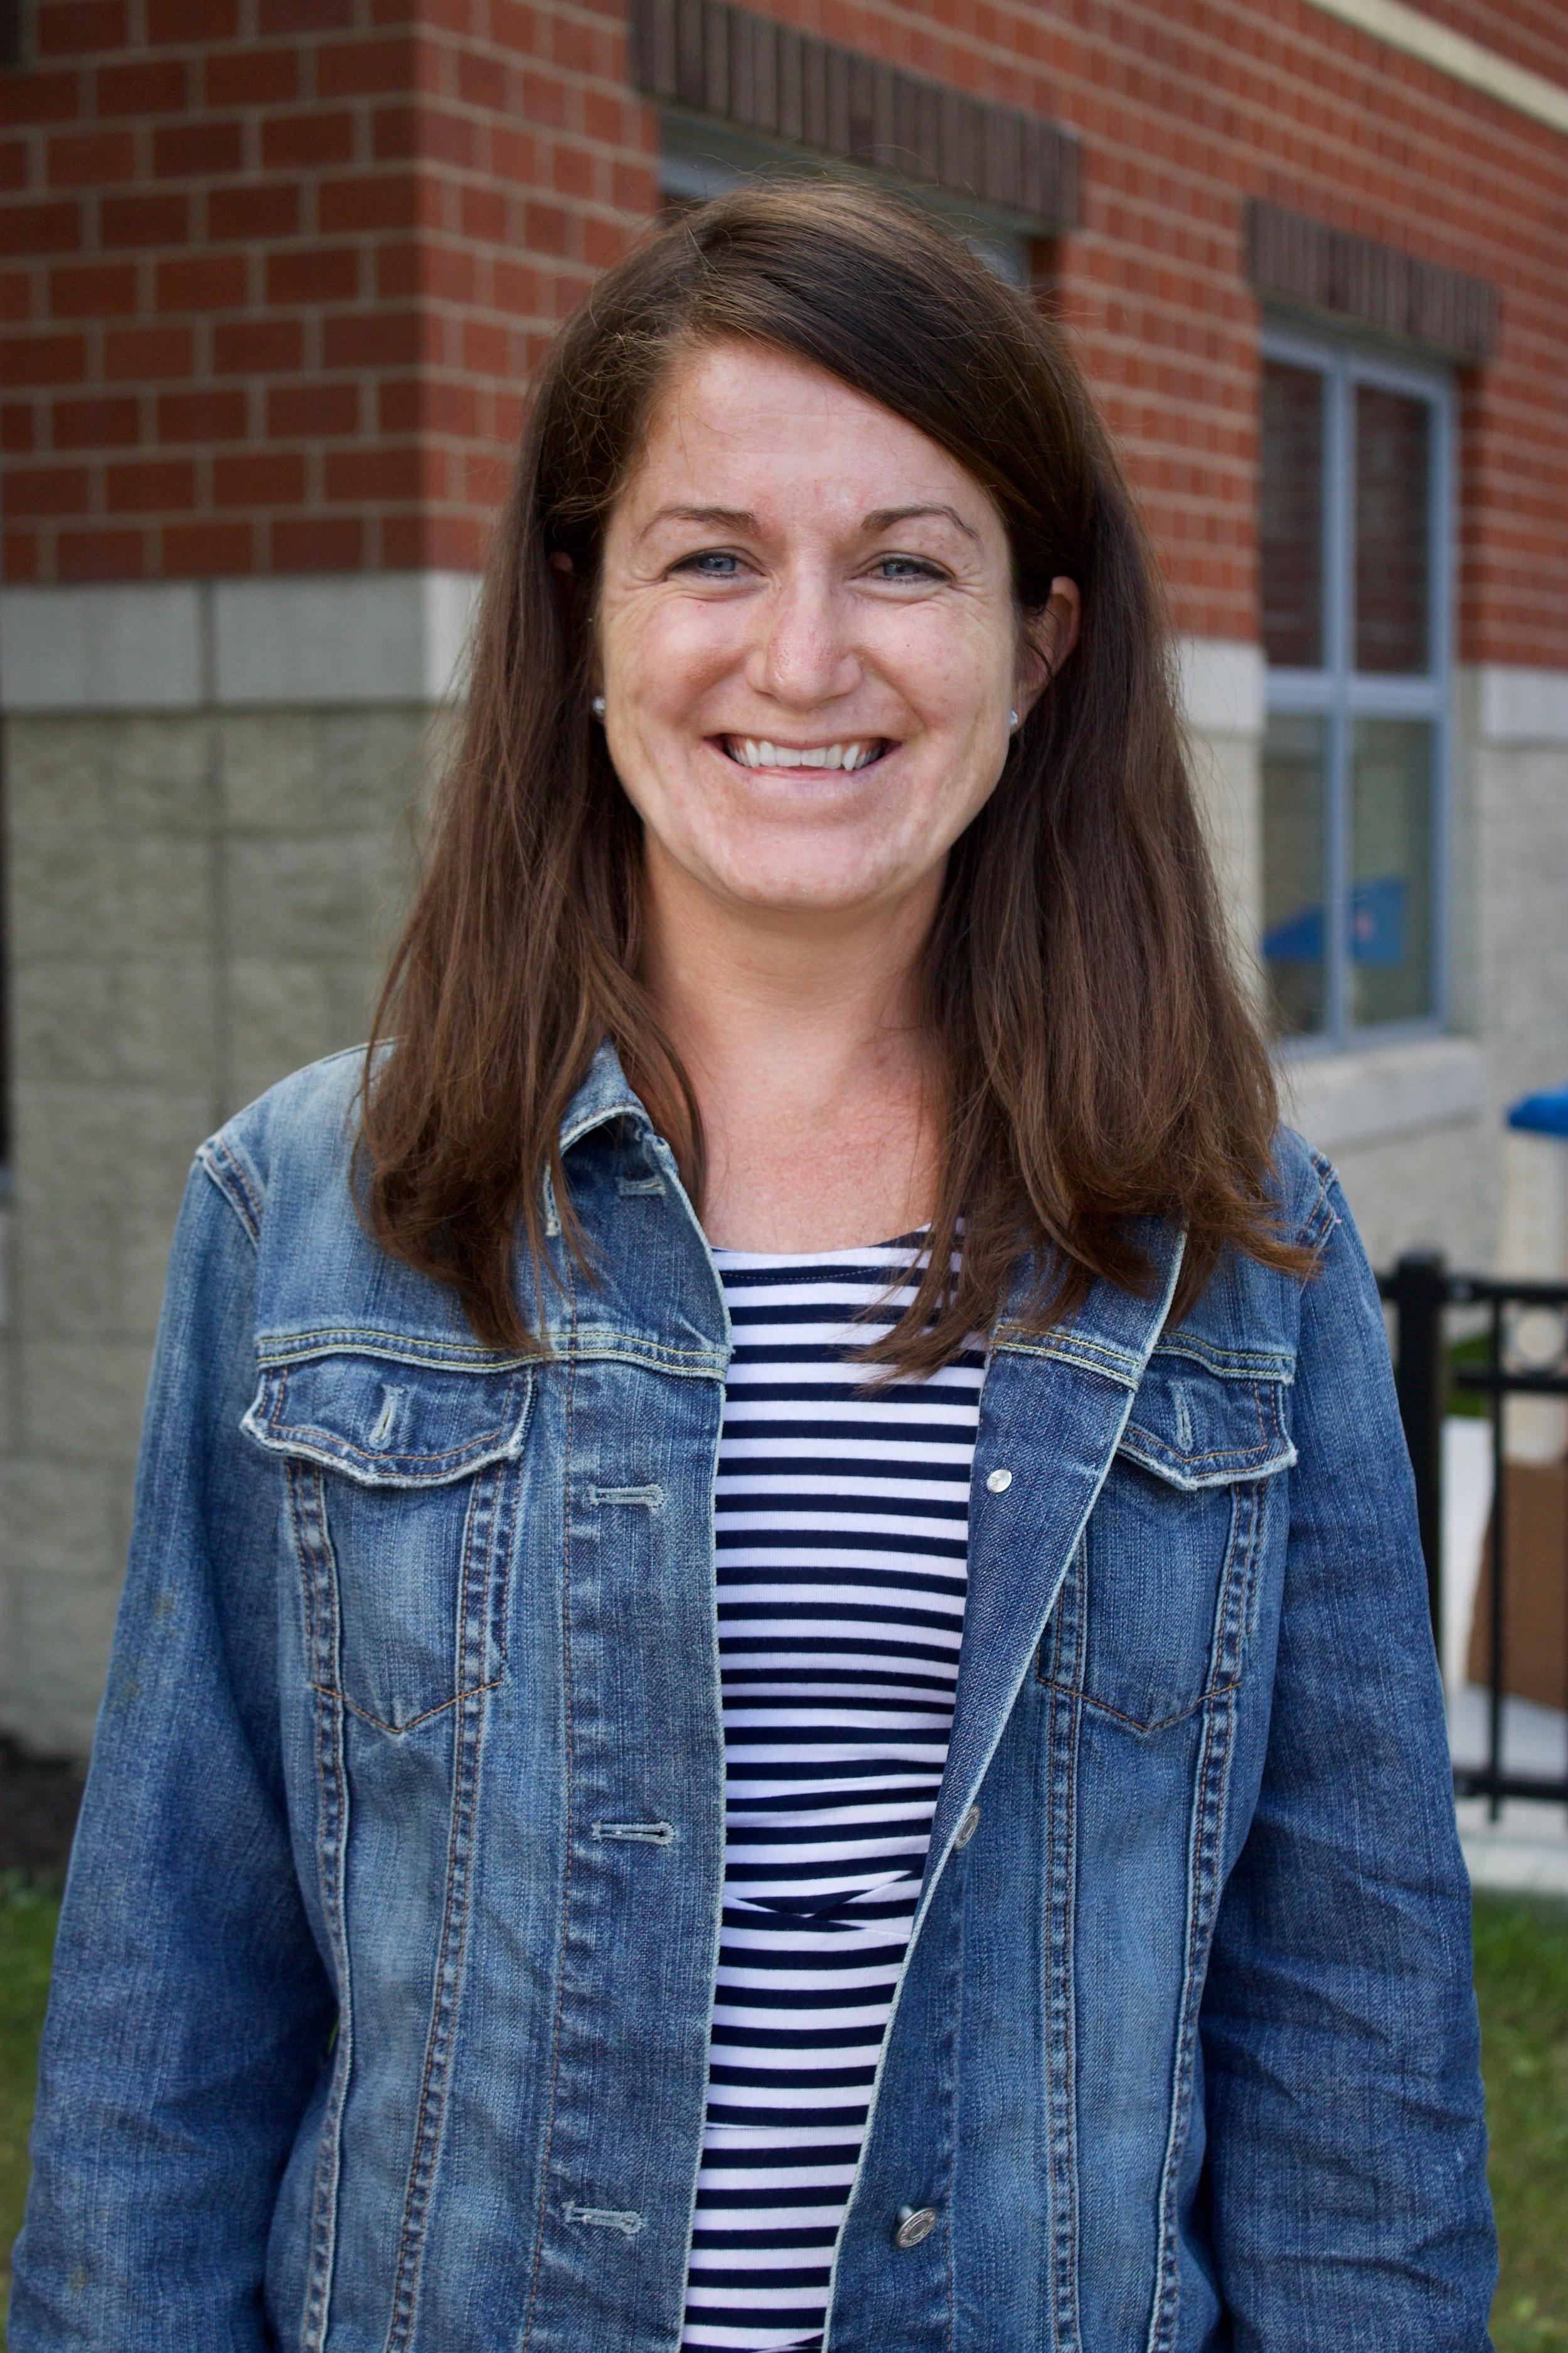 Laureen Antall   - Level 4/5 Teacher (Room 216)